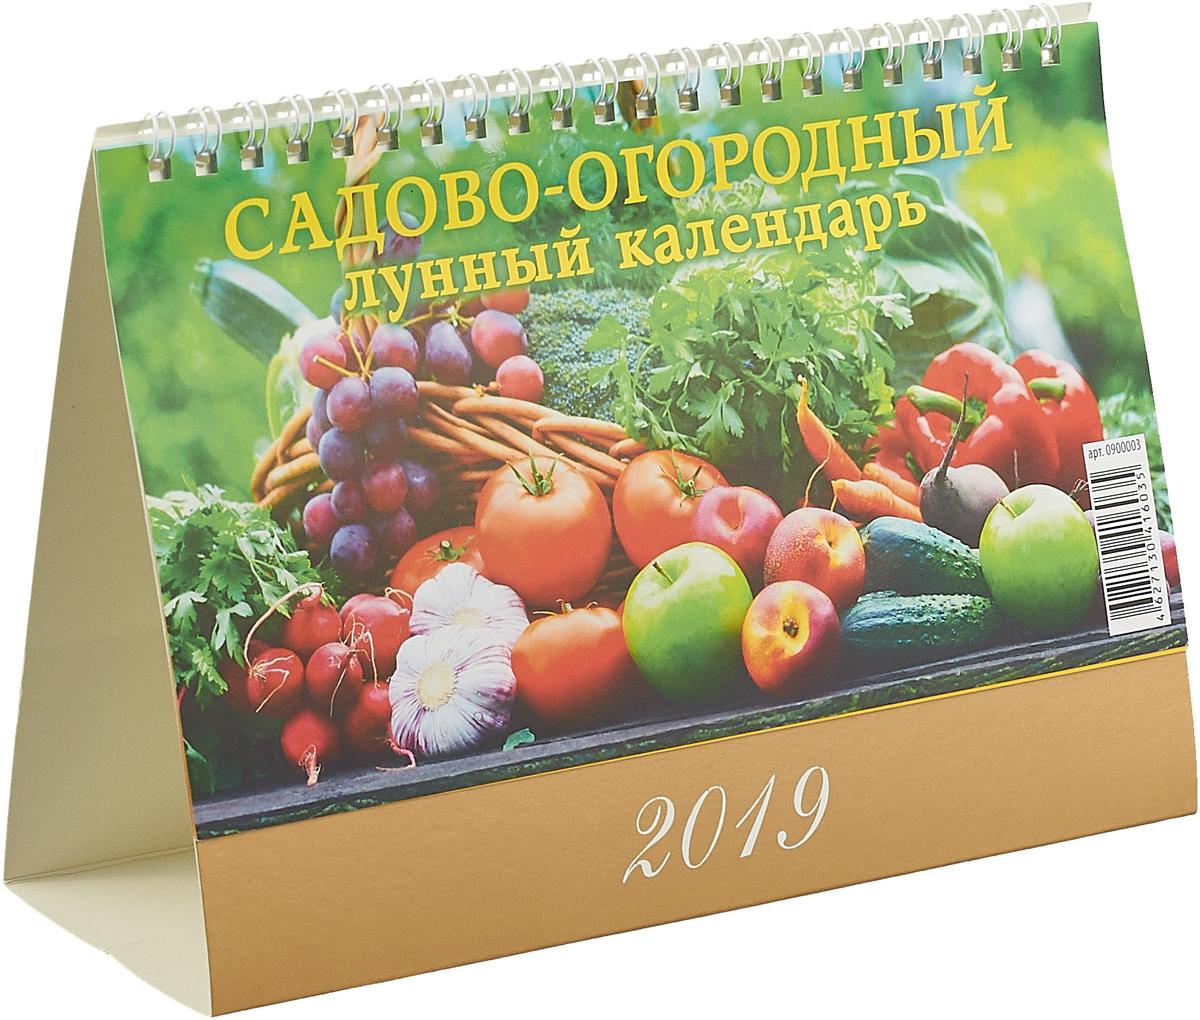 Садово-огородный лунный календарь (200*140). Календарь 2019 цены онлайн